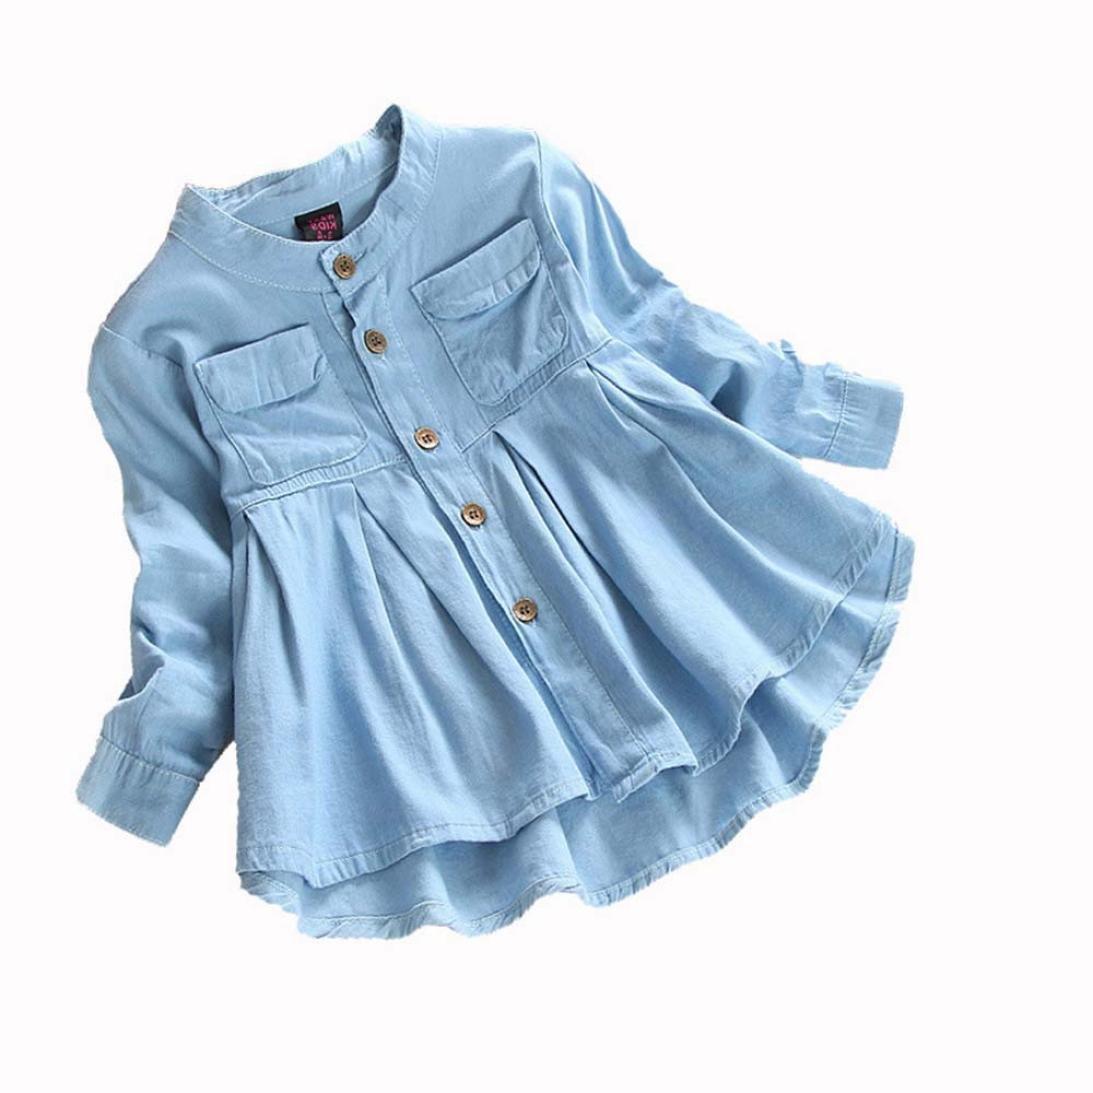 Camiseta de manga larga para niña Bebé Niño pequeño de mezclilla Denim Tops Blusa Ropa Bebé Chicas Amlaiworld (Azul, Tamaño:3 Años): Amazon.es: Deportes y ...